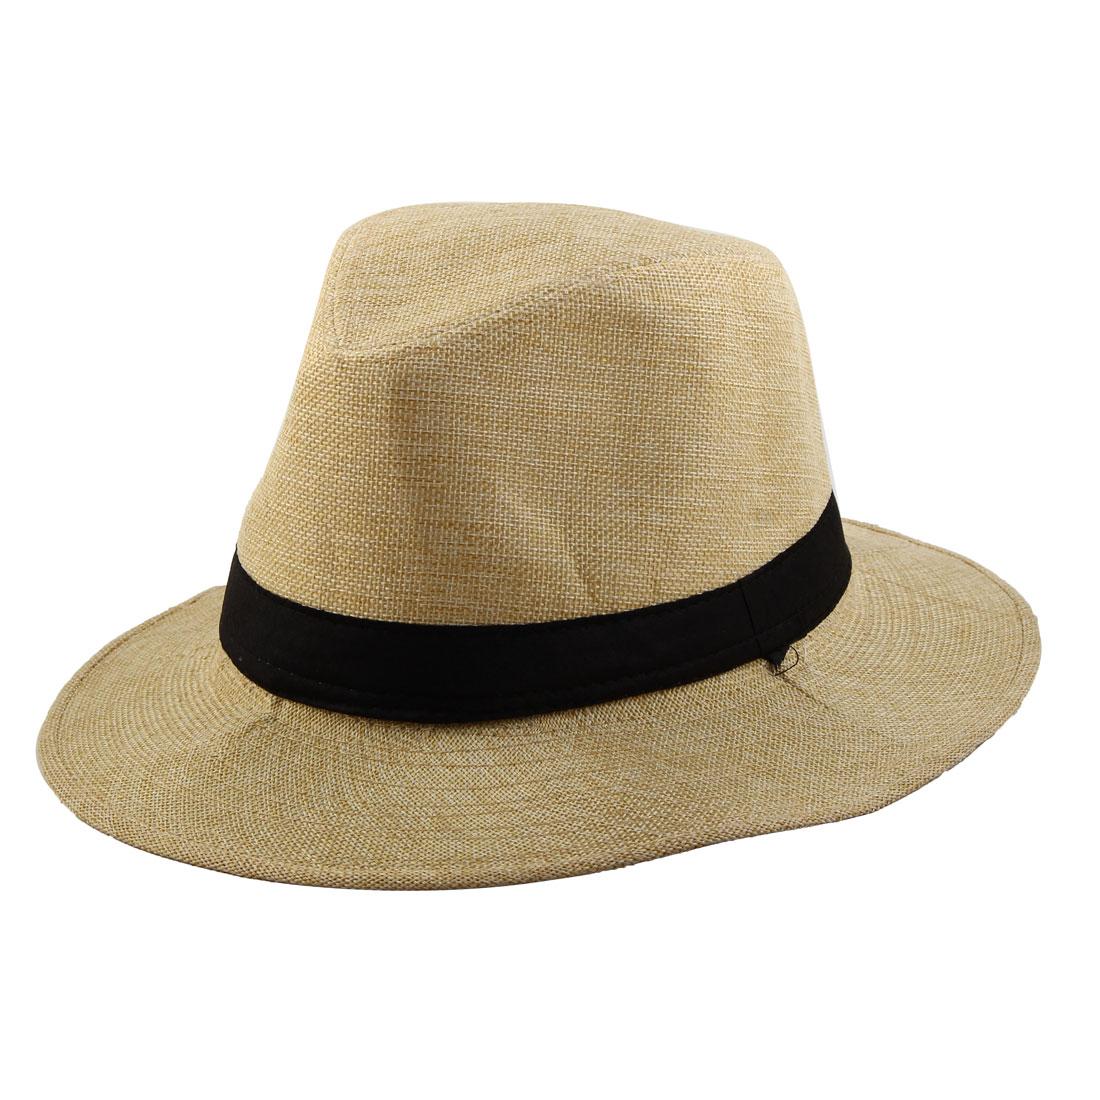 Men Outdoor Linen Wide Brim Western Style Beach Sunhat Cowboy Hat Beige